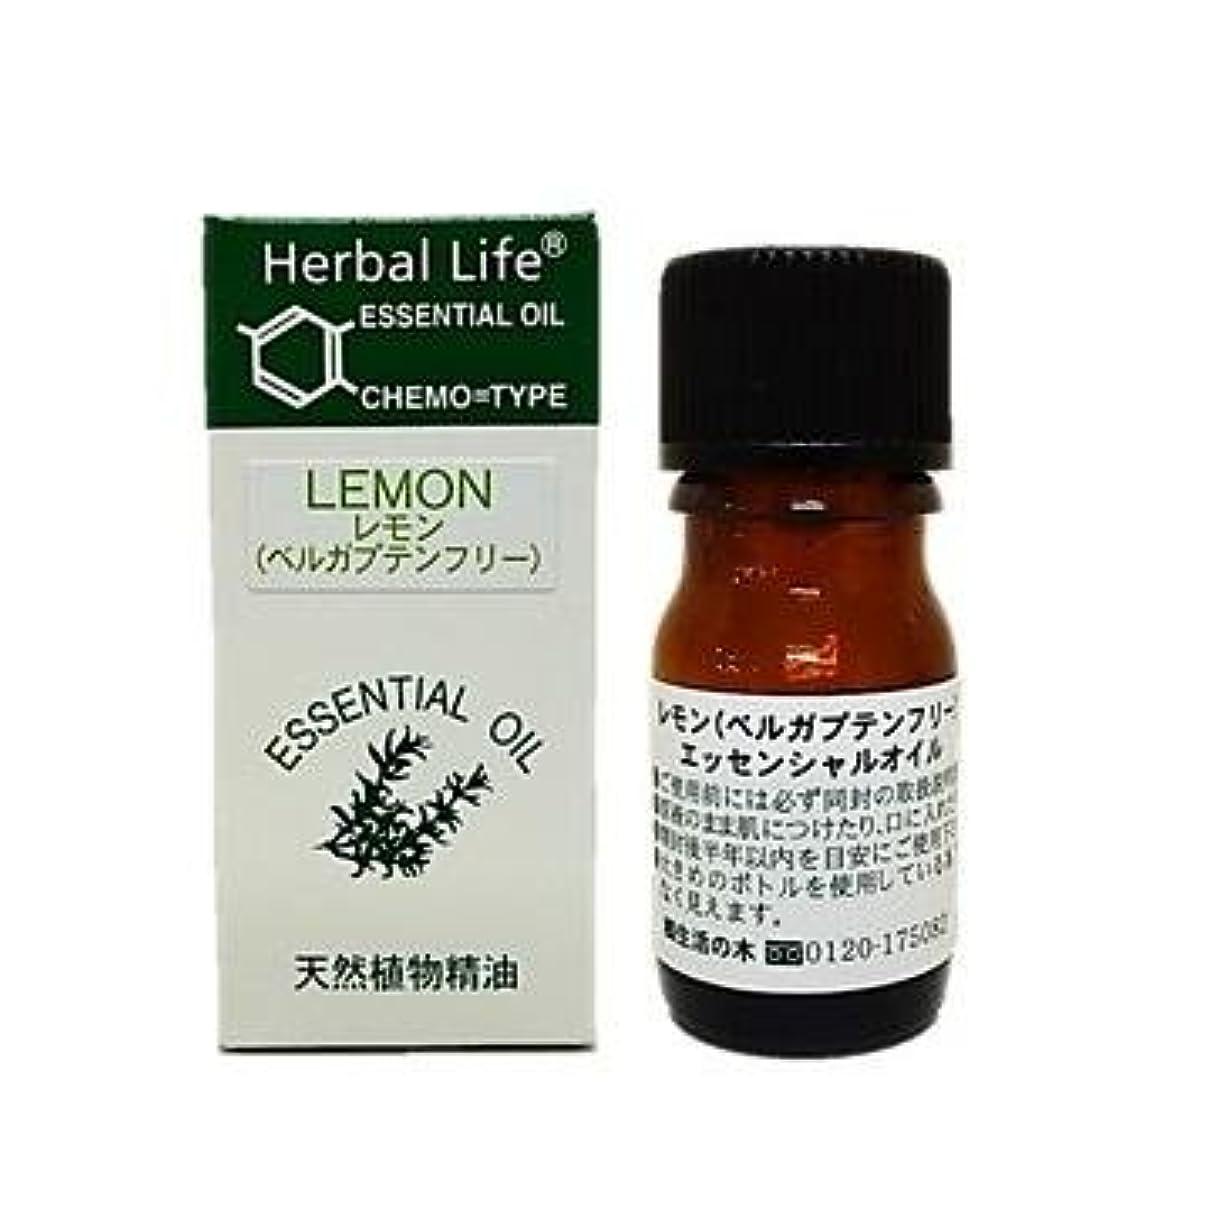 トラブル甲虫借りる生活の木 レモン(フロクマリンフリー)3ml エッセンシャルオイル/精油